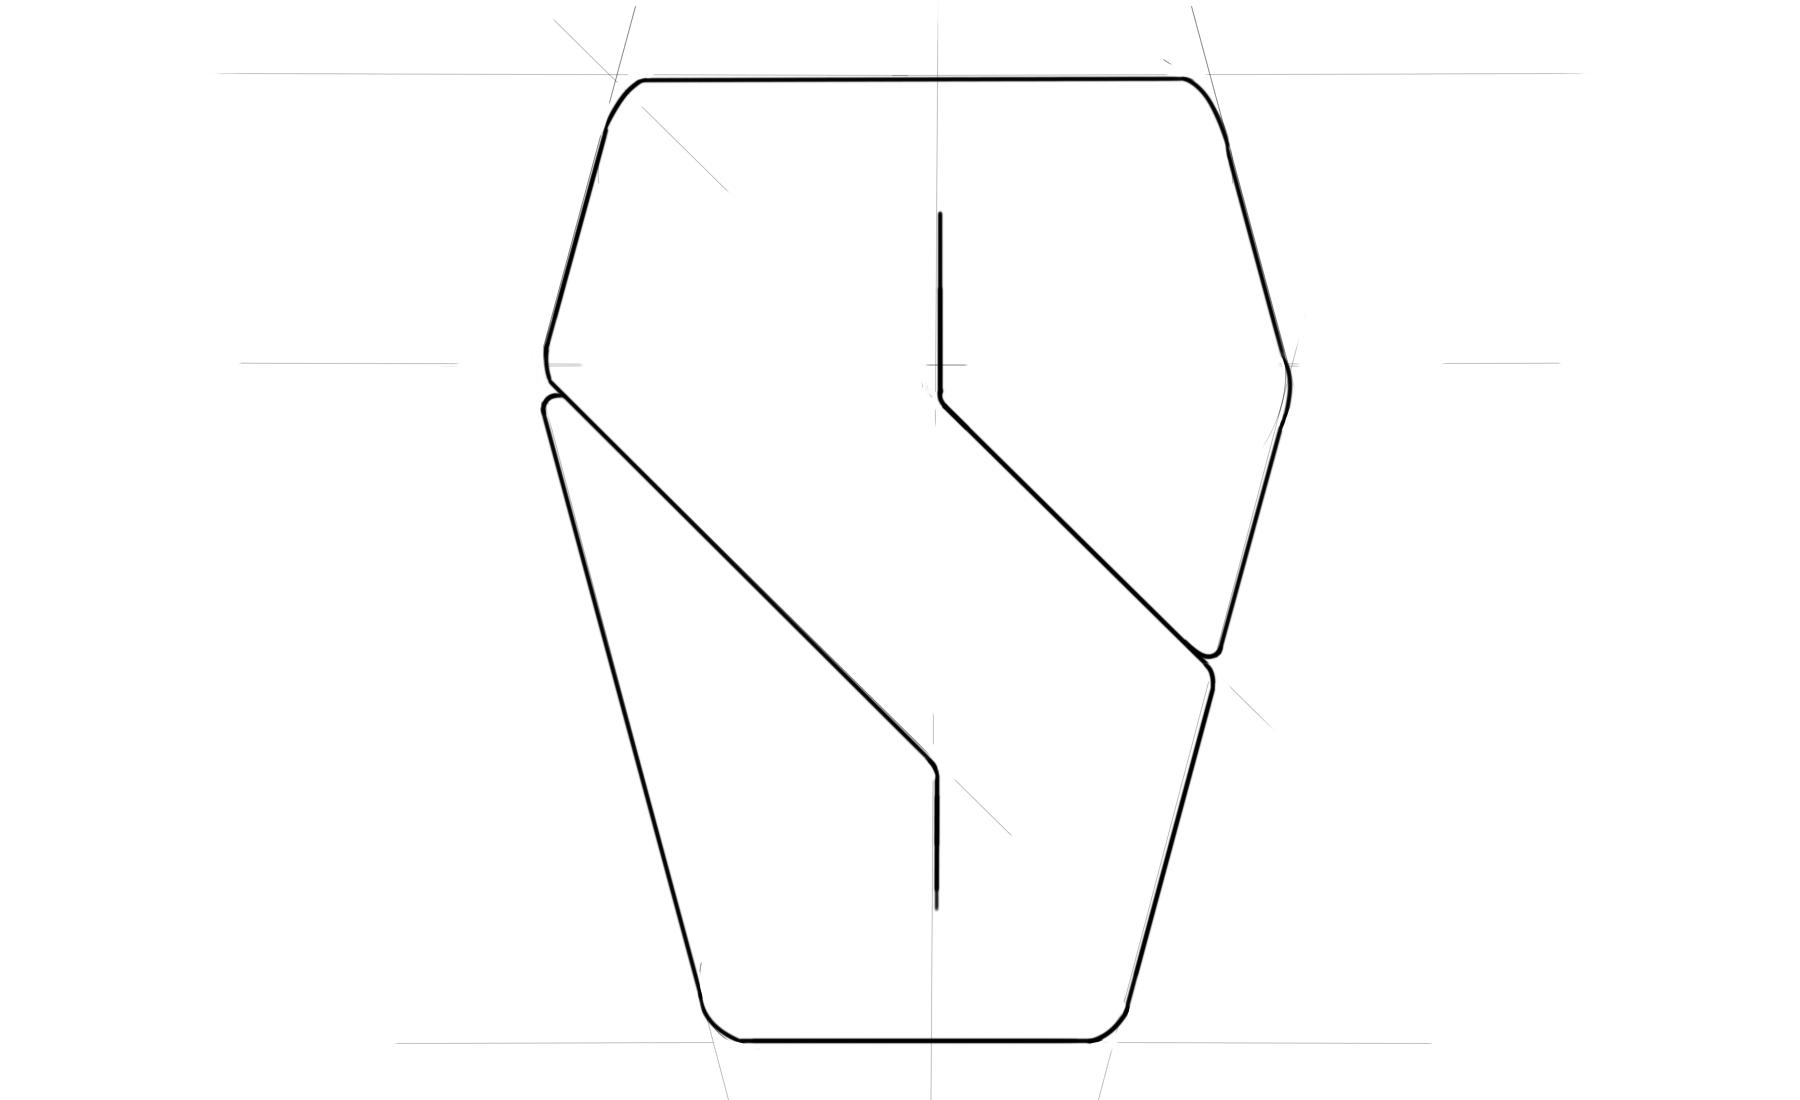 Разработать логотип для вездехода фото f_9545f88059553db2.jpg